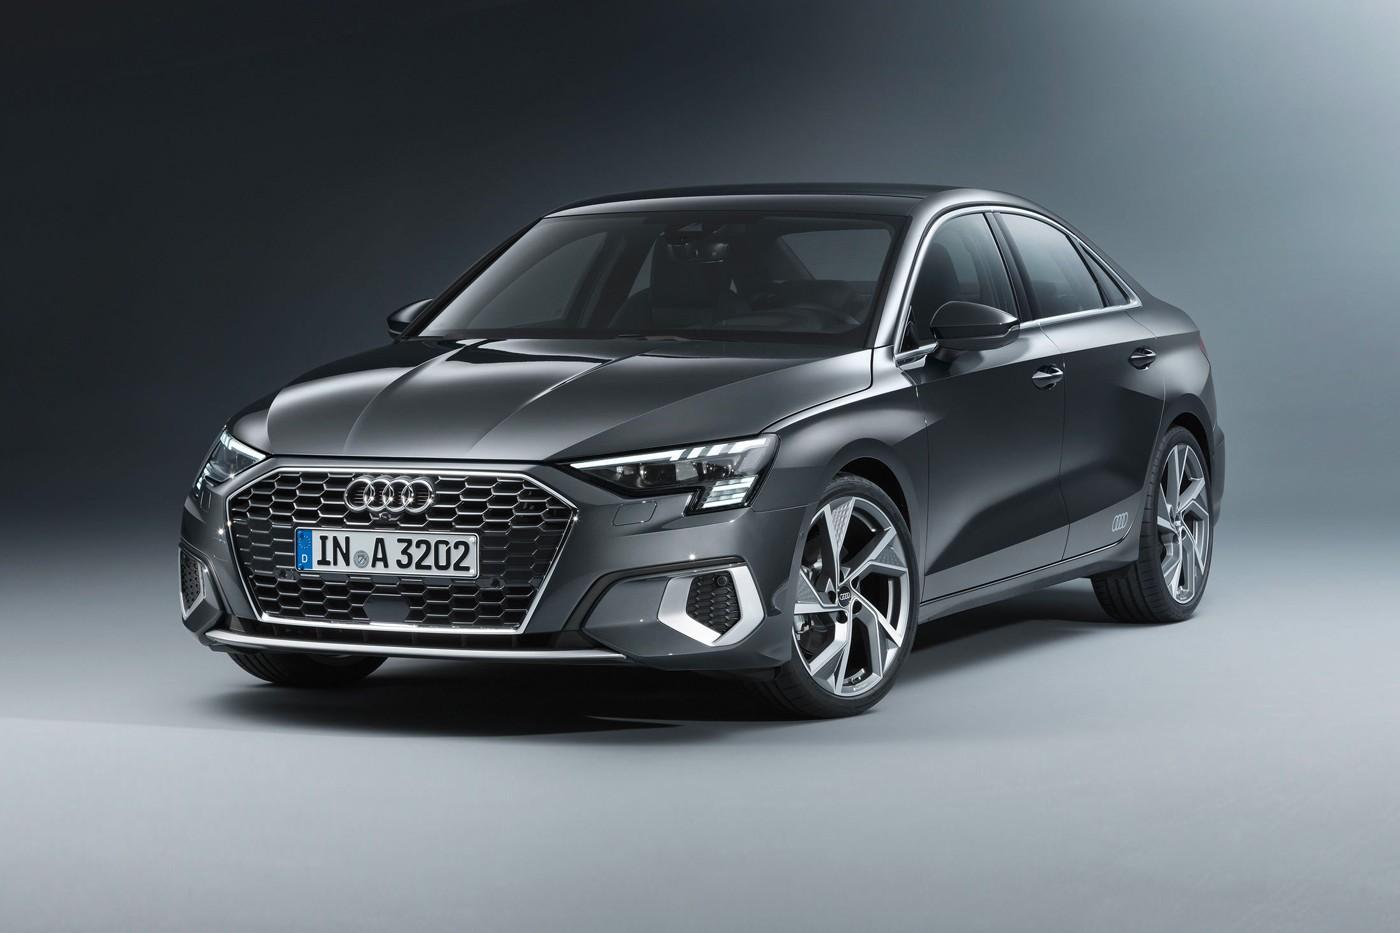 Audi A3 Sedan thế hệ thứ 2 sắp trình làng